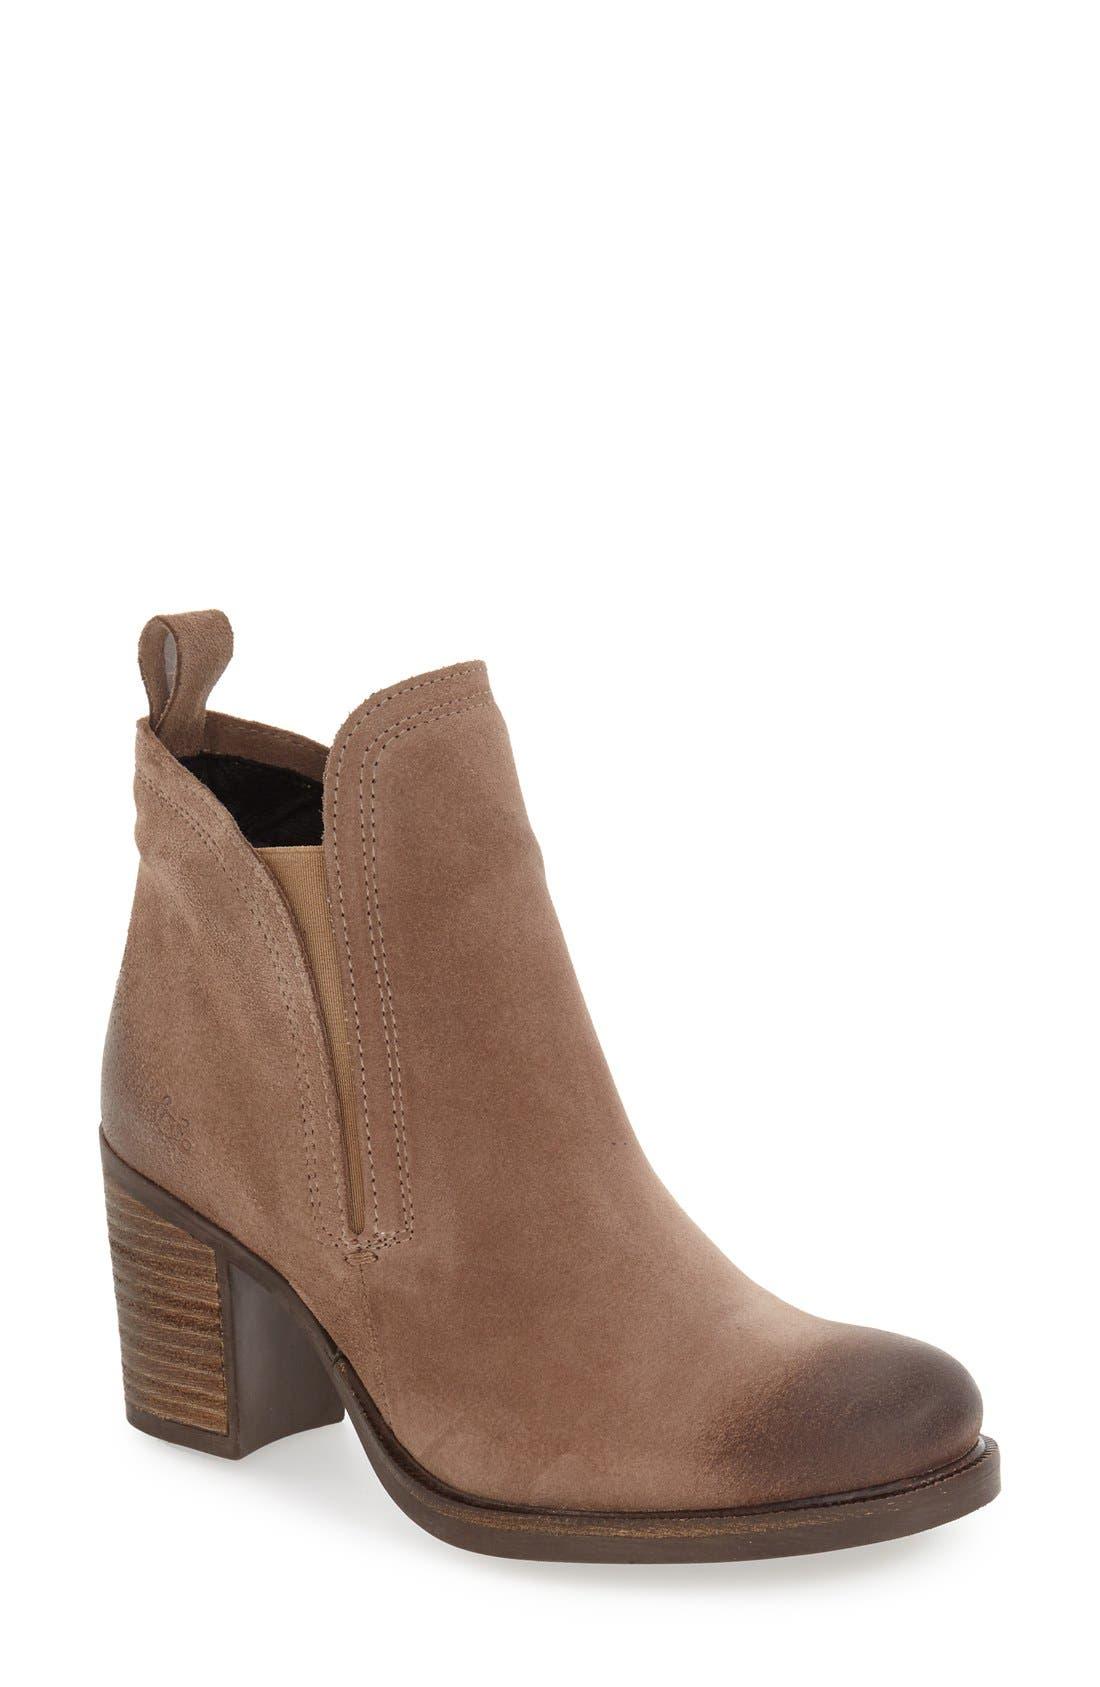 Main Image - Bos. & Co. 'Belfield' Waterproof Chelsea Boot (Women)